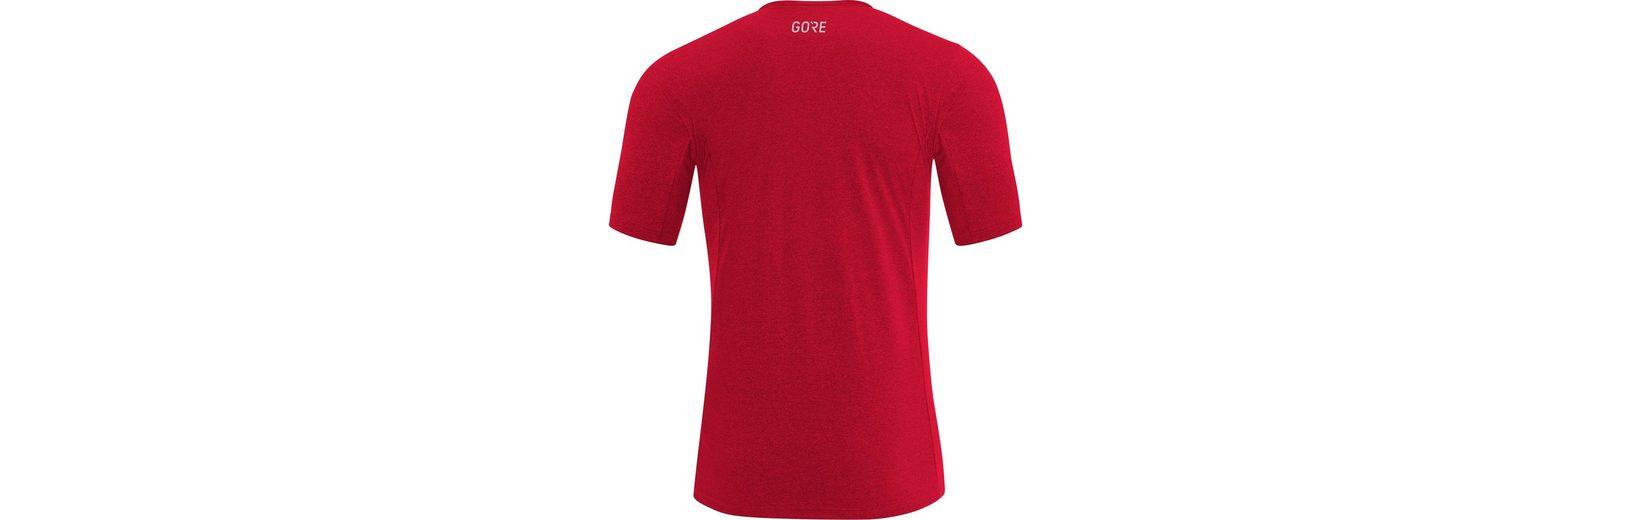 Die Günstigste Zum Verkauf GORE WEAR T-Shirt R3 Shirt Men Bestpreis 59xnDL